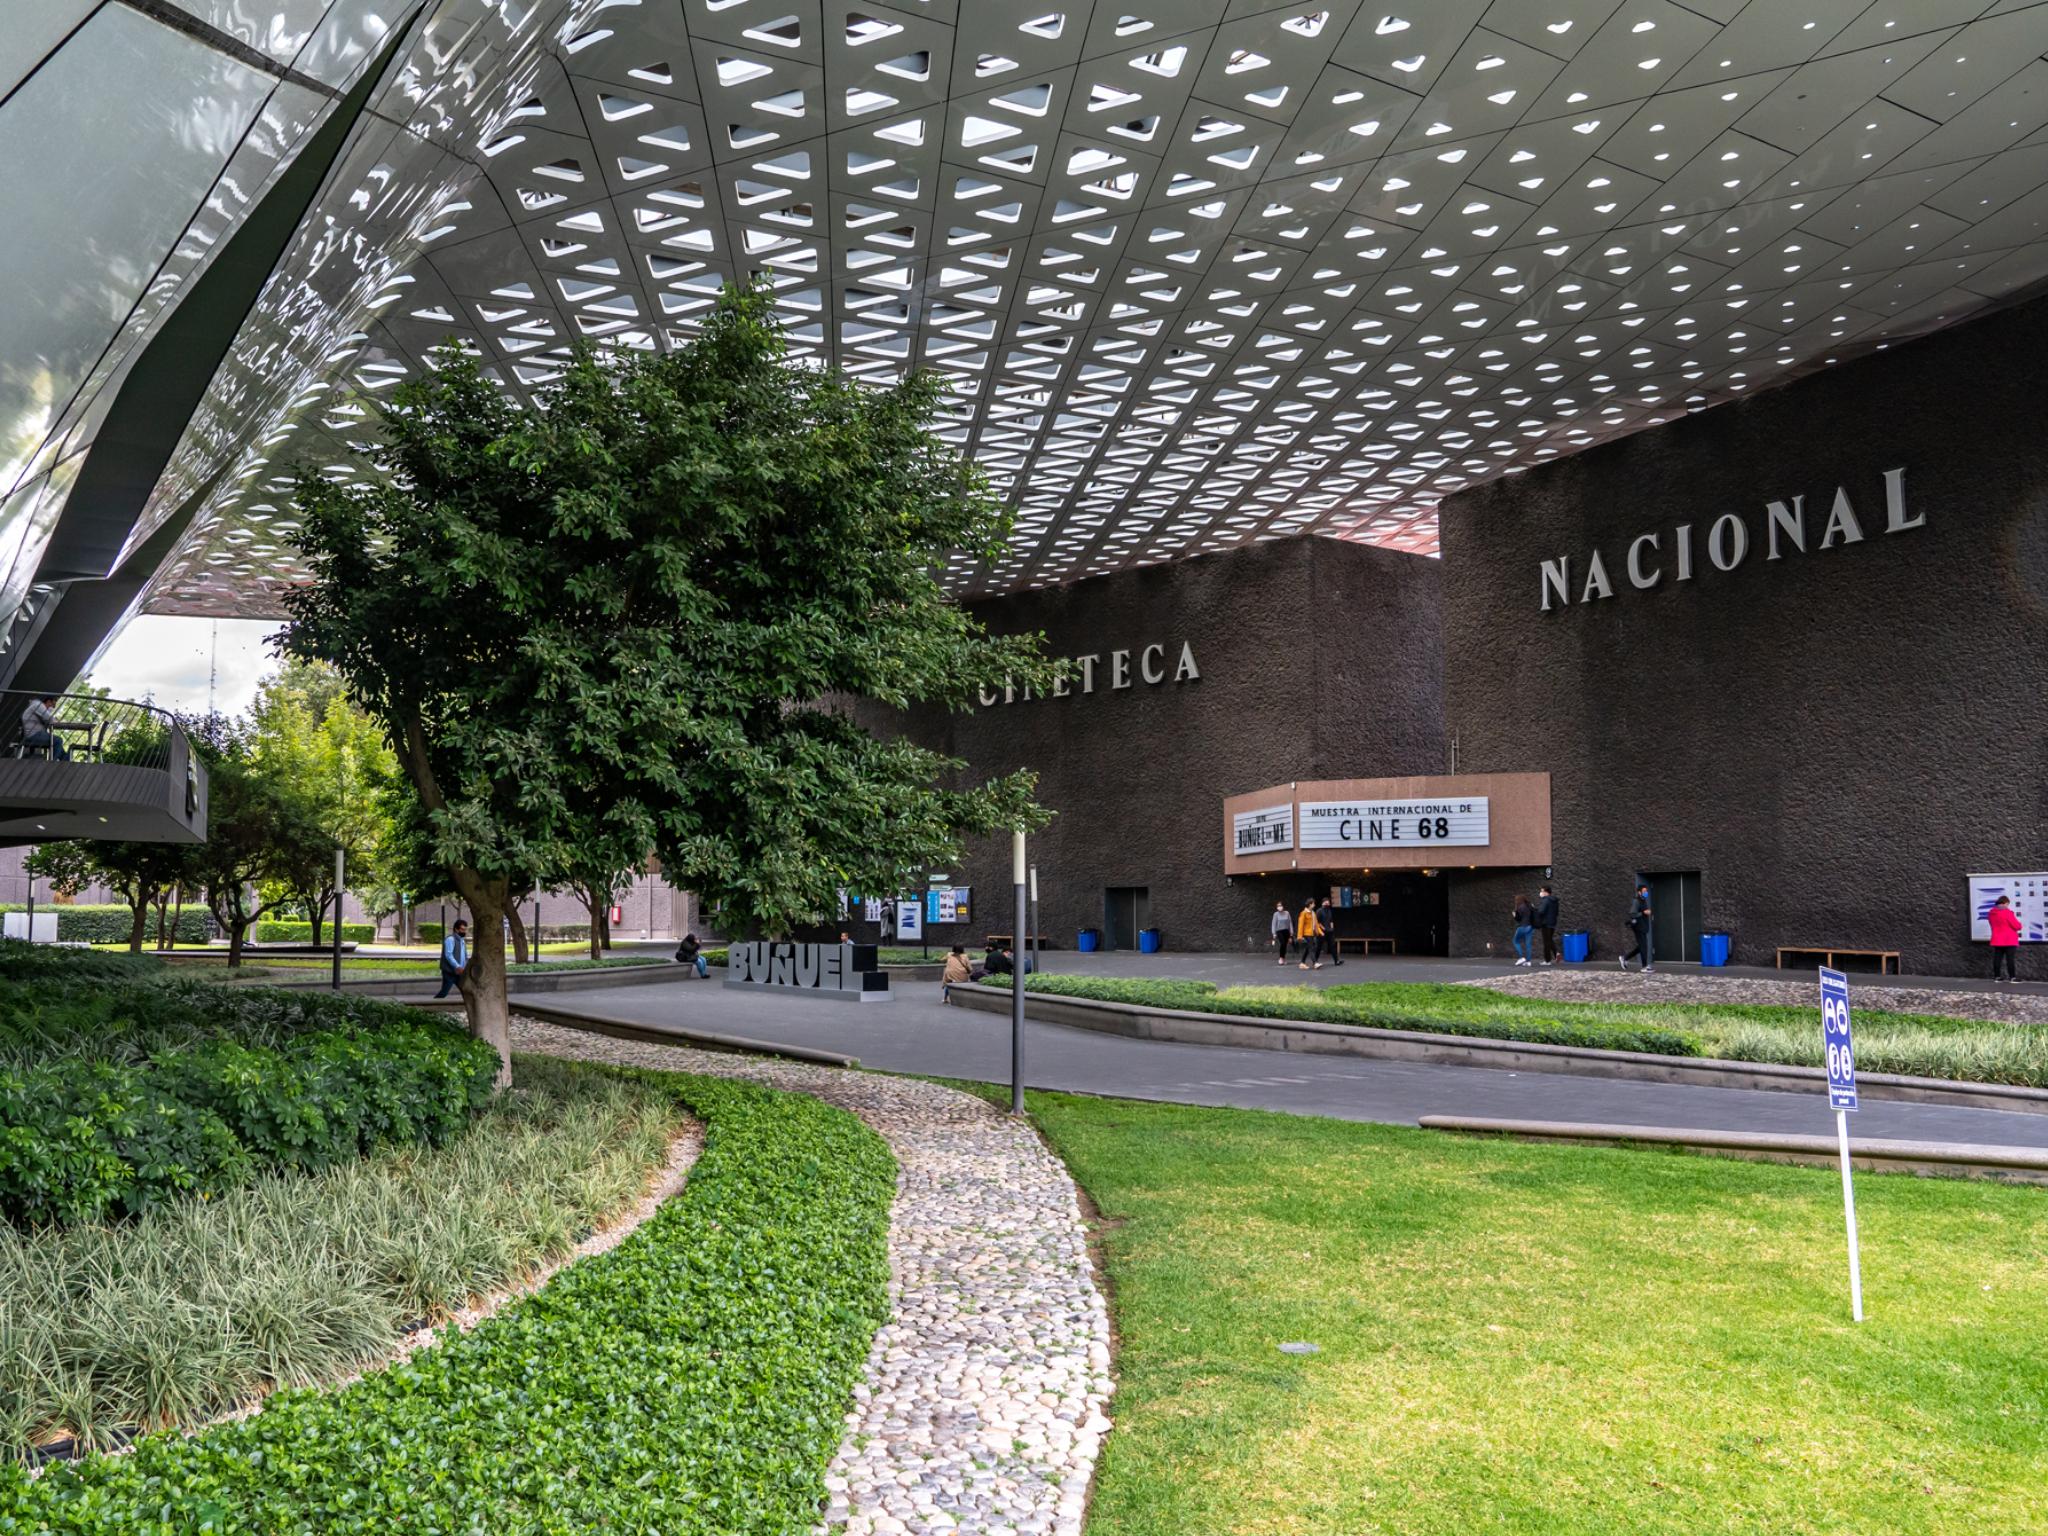 Foros de cine, teatro y arte al aire libre en la CDMX